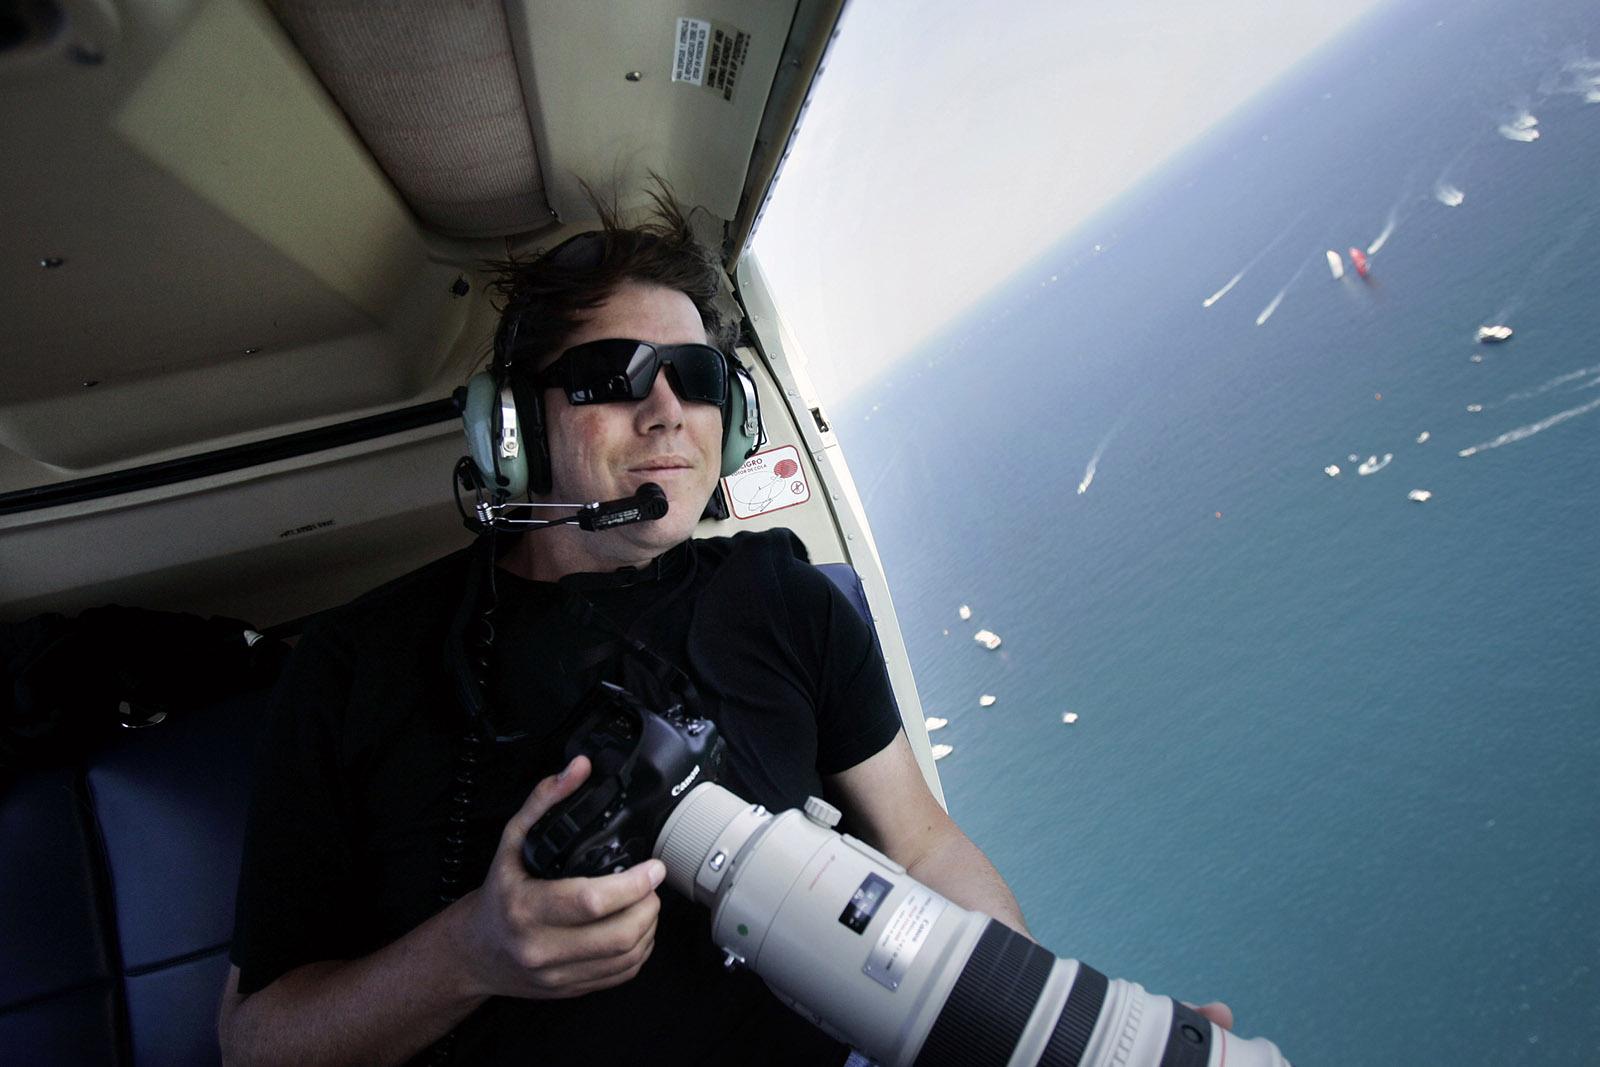 Jasper Juinen met camera en lange lens in de lucht bij open deur vliegtuig